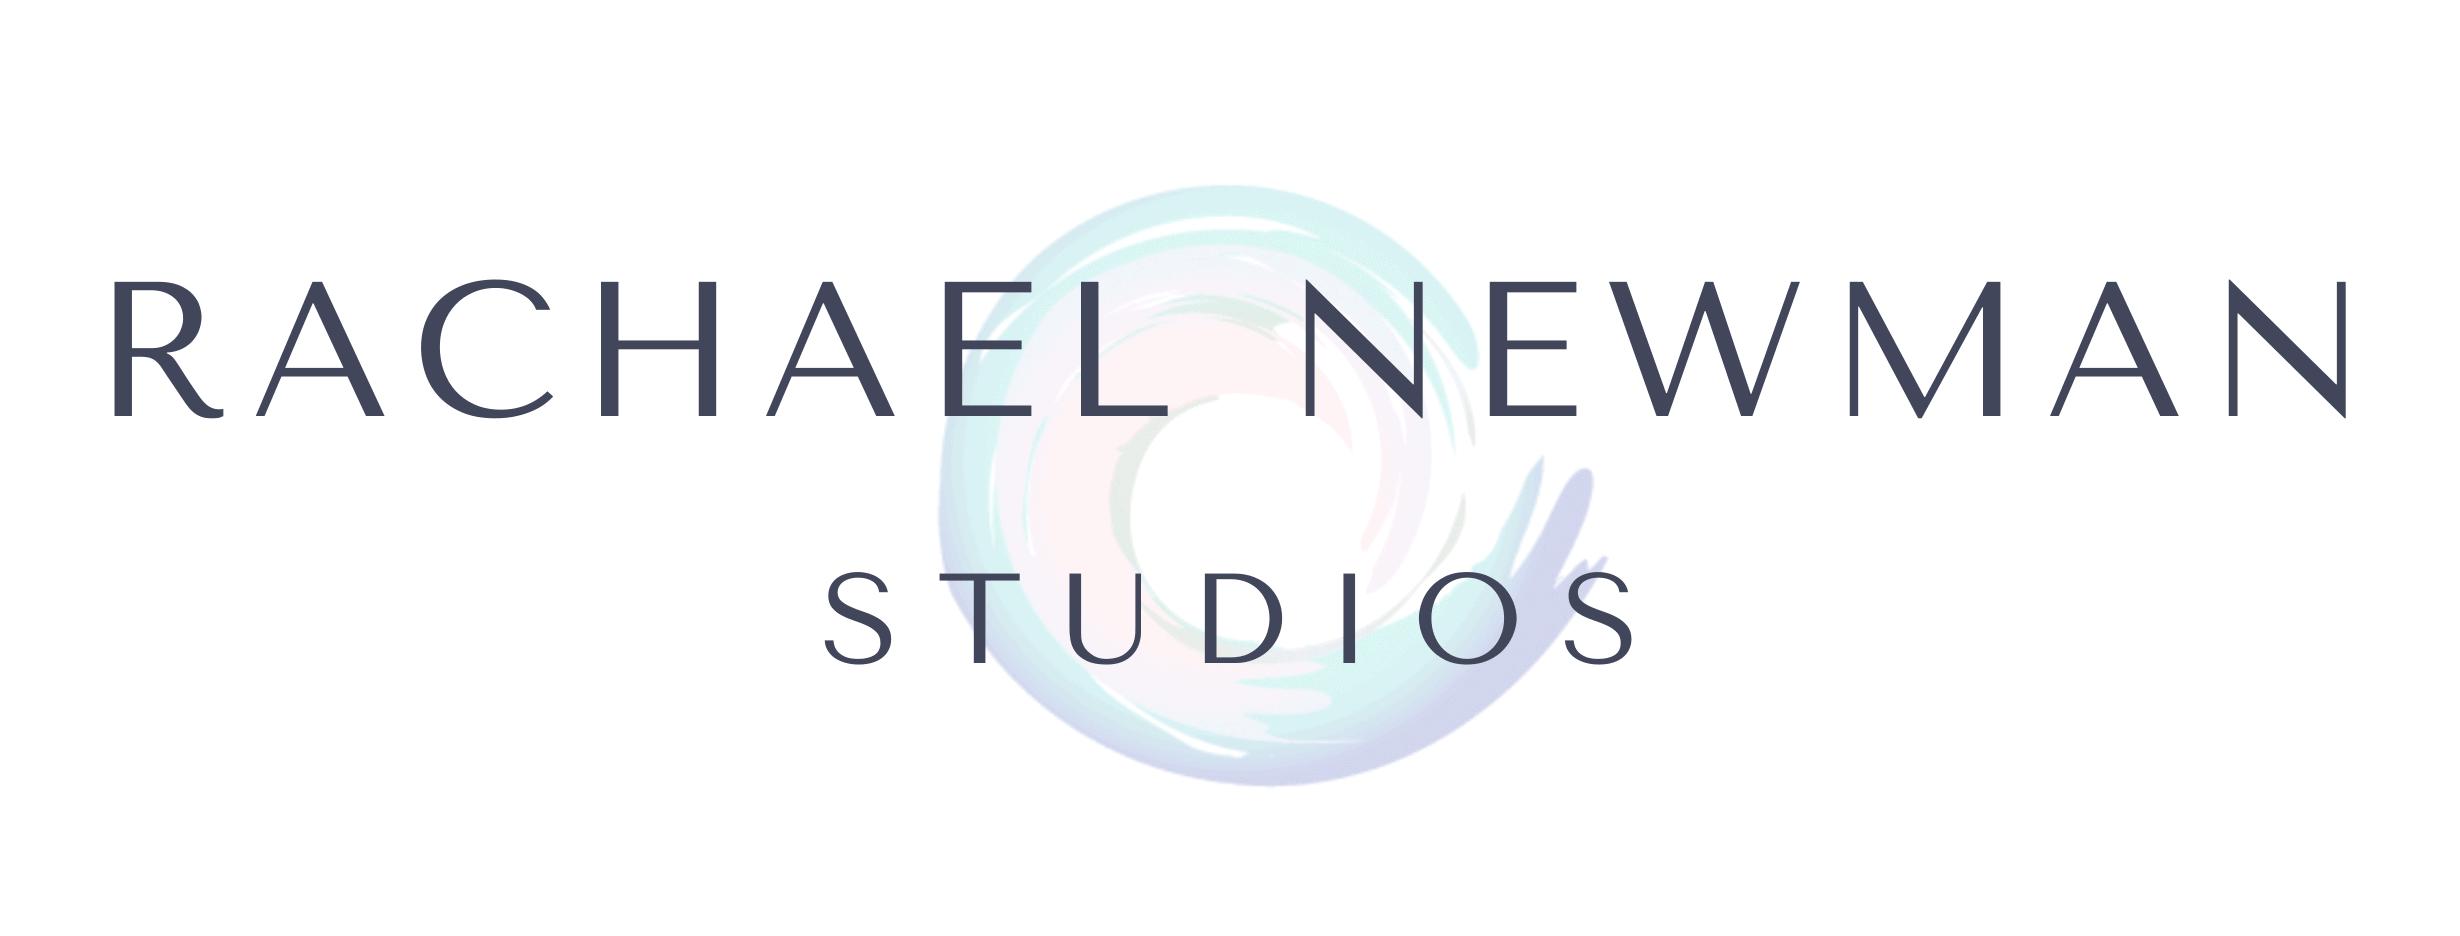 Rachael Newman Studios | Artist